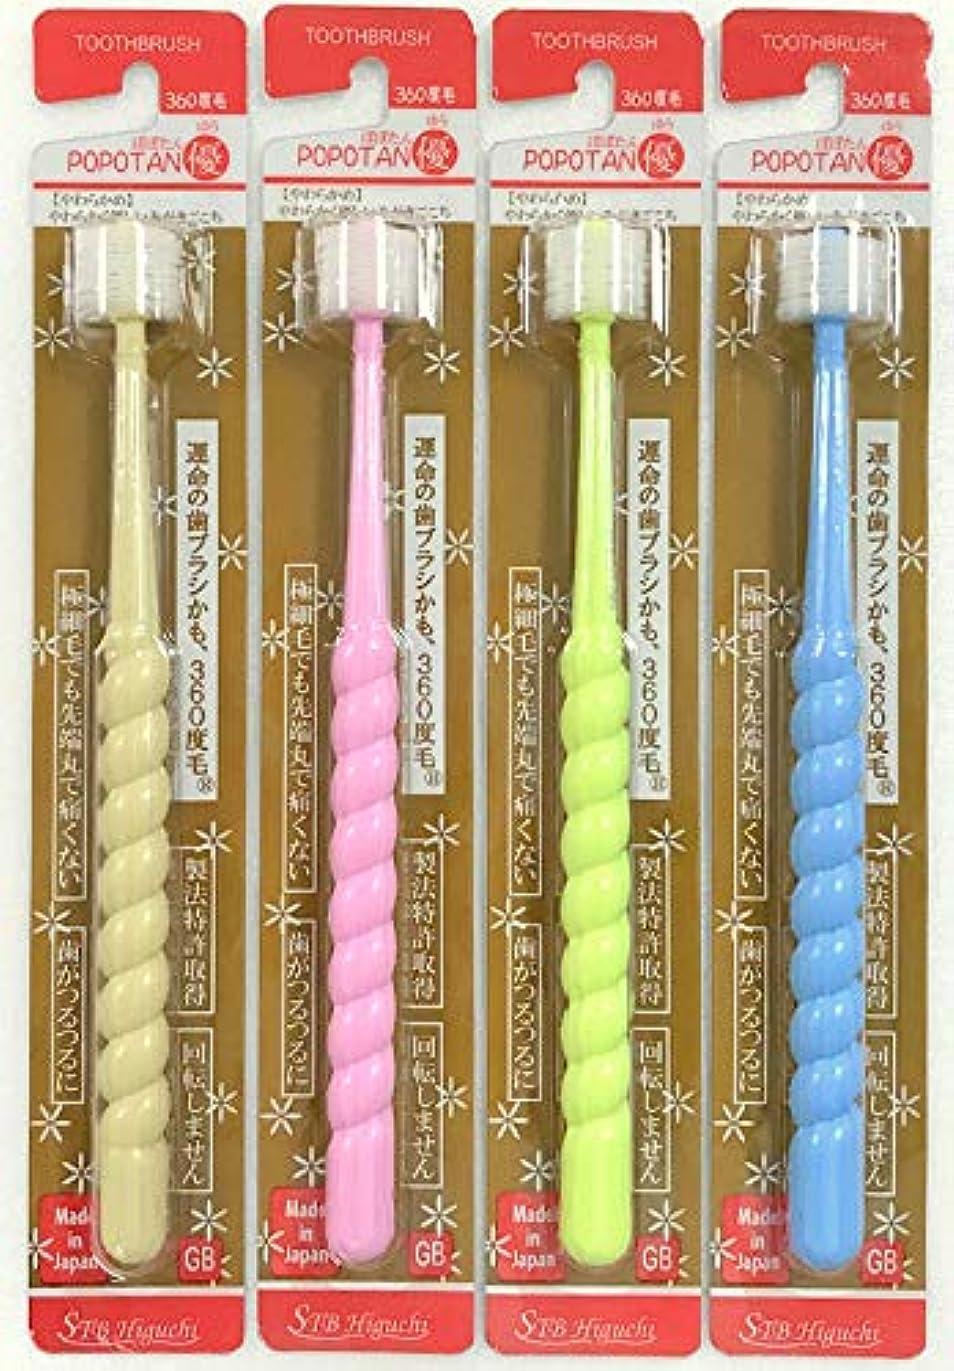 あごひげ不潔広範囲360度歯ブラシ 360do度毛歯ブラシ POPOTAN ぽぽたん 優(カラーは1色おまかせ)